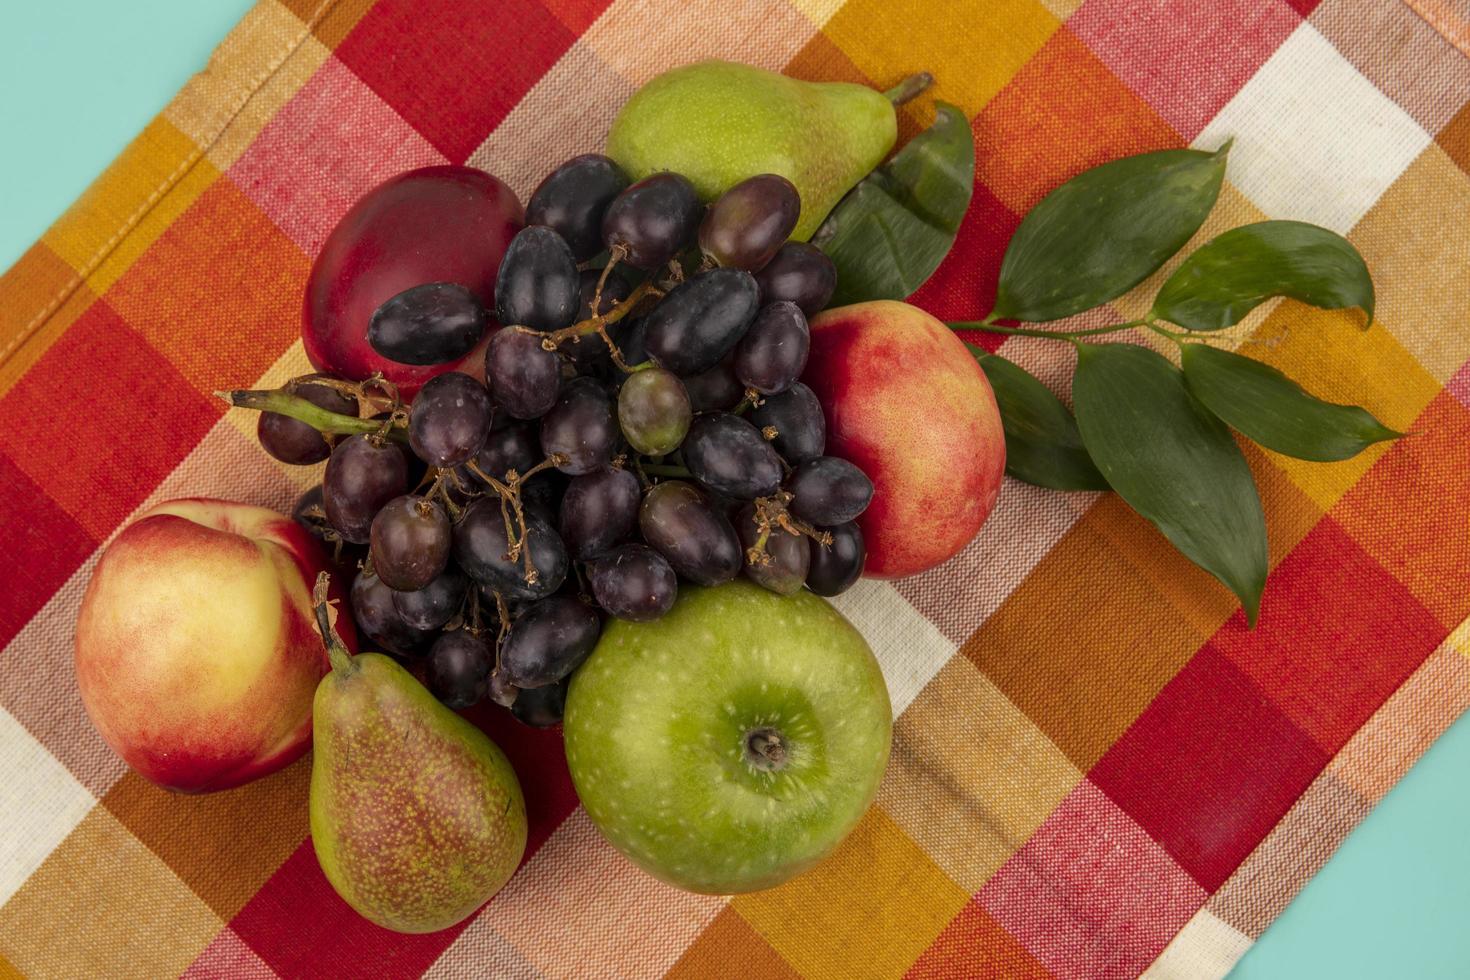 assortiment de fruits sur tissu à carreaux photo